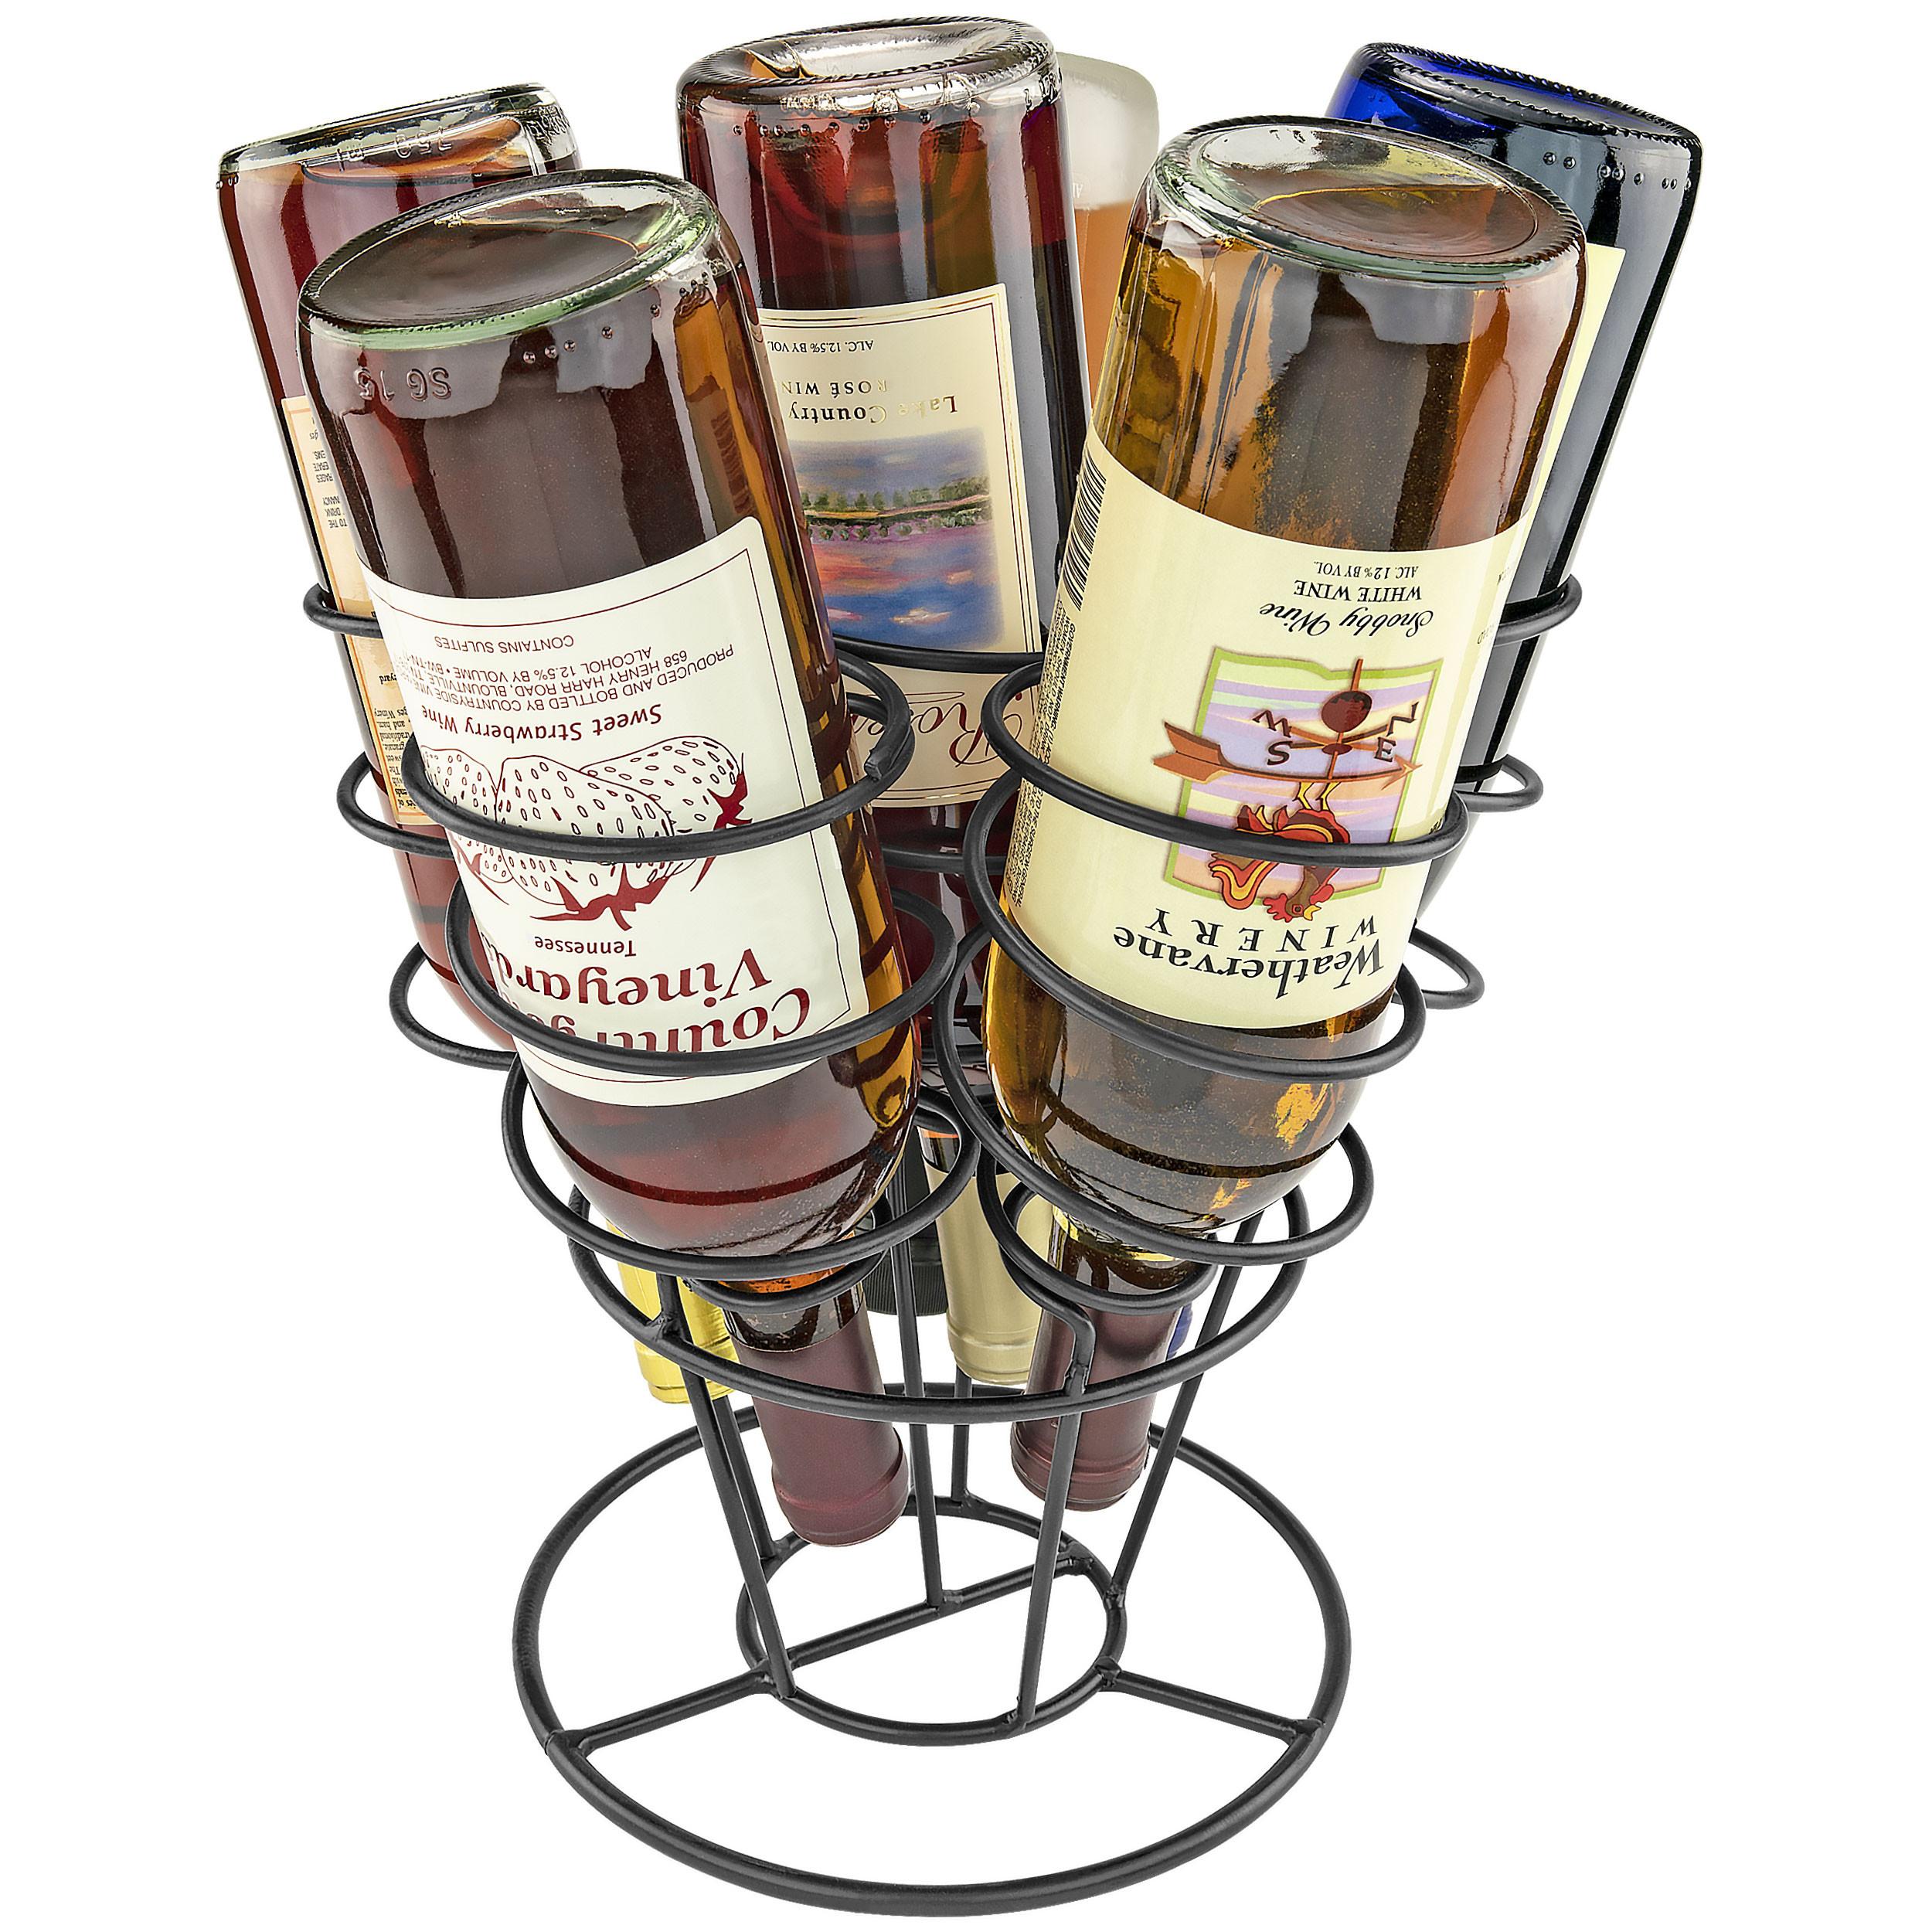 Southern Homewares 6 Bottle Bouquet Wine Rack Storage Holder Organizer Black